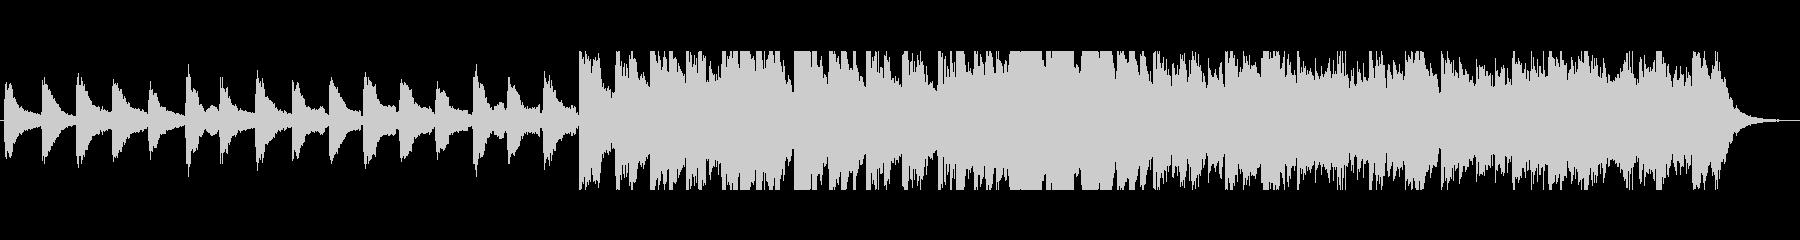 爽やかなピアノ・エレクトリックの未再生の波形